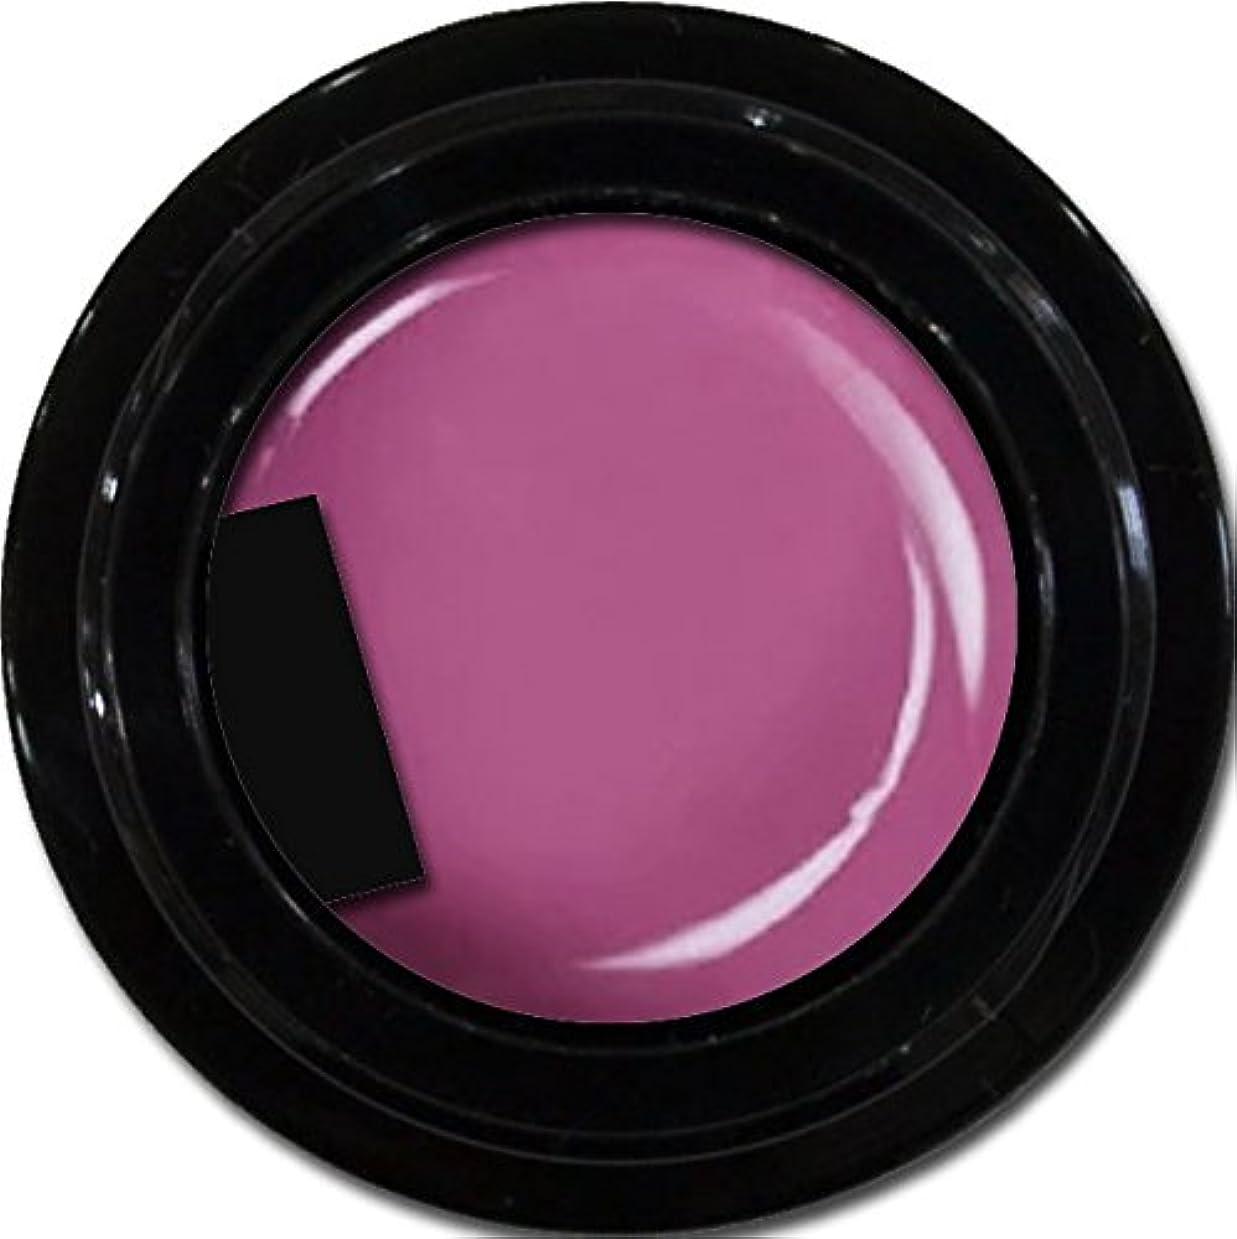 詐欺かろうじてパステルカラージェル enchant color gel M513 RubyViolet3g/ マットカラージェル M513ルビーヴァイオレット 3グラム